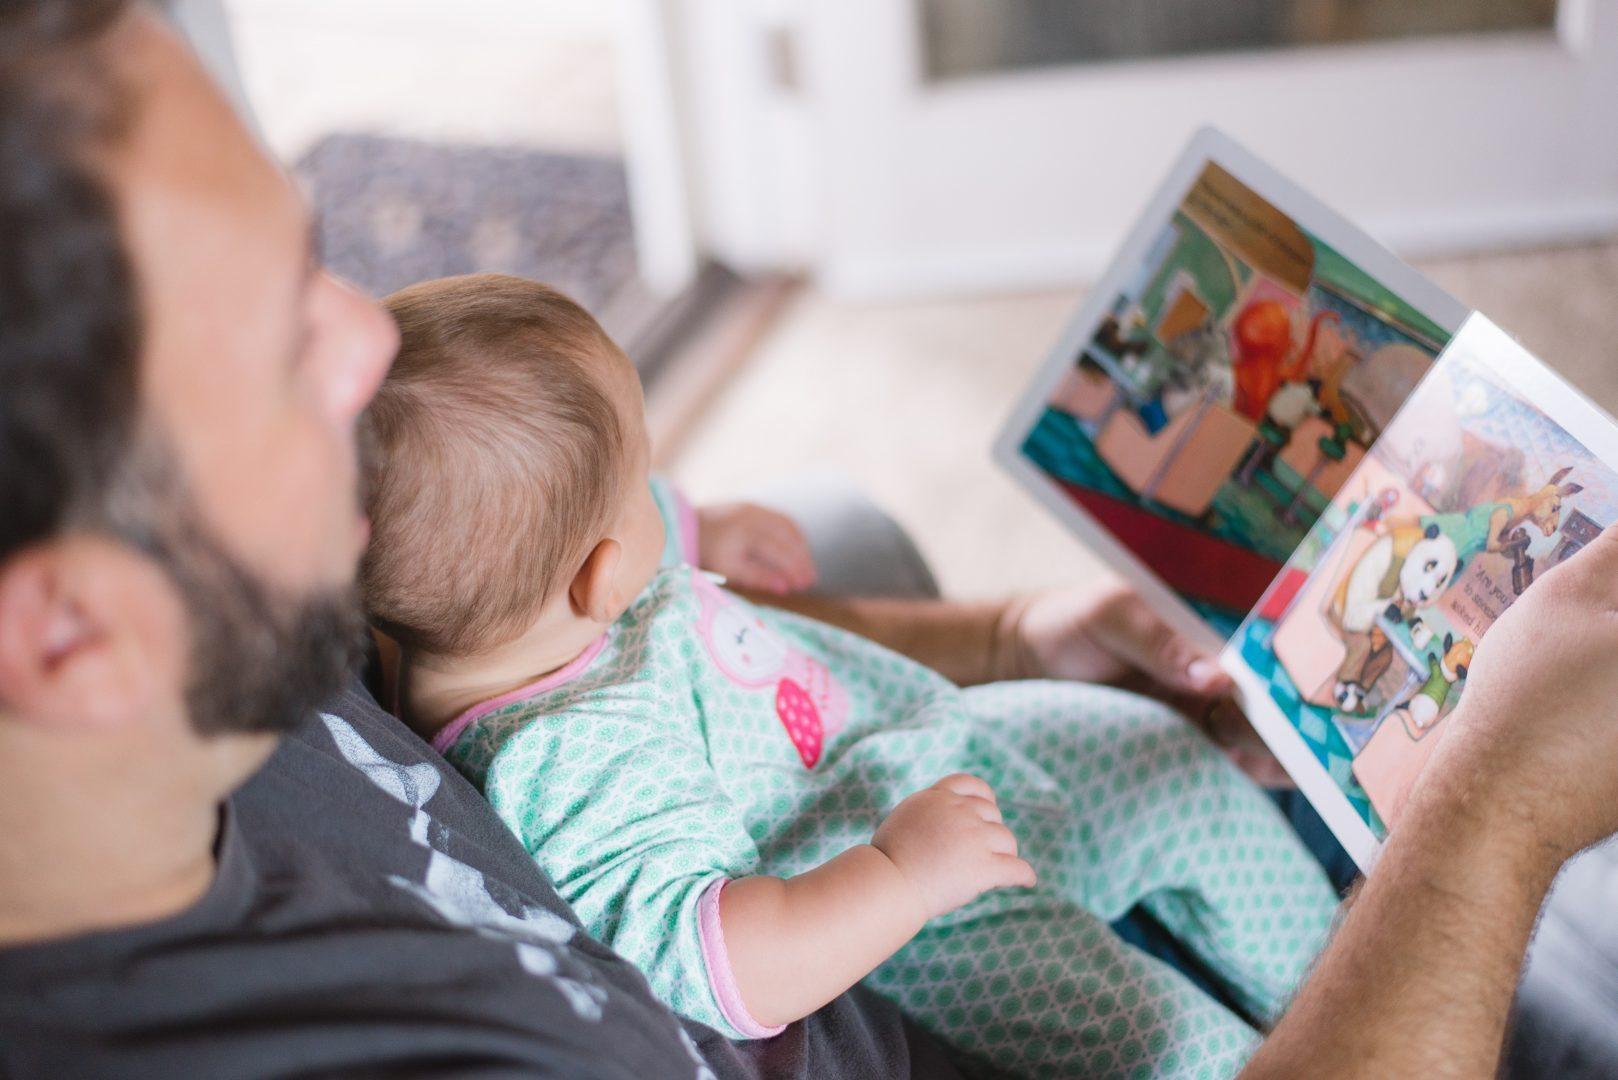 Urlop rodzicielski – ile może trwać i jak się o niego ubiegać?